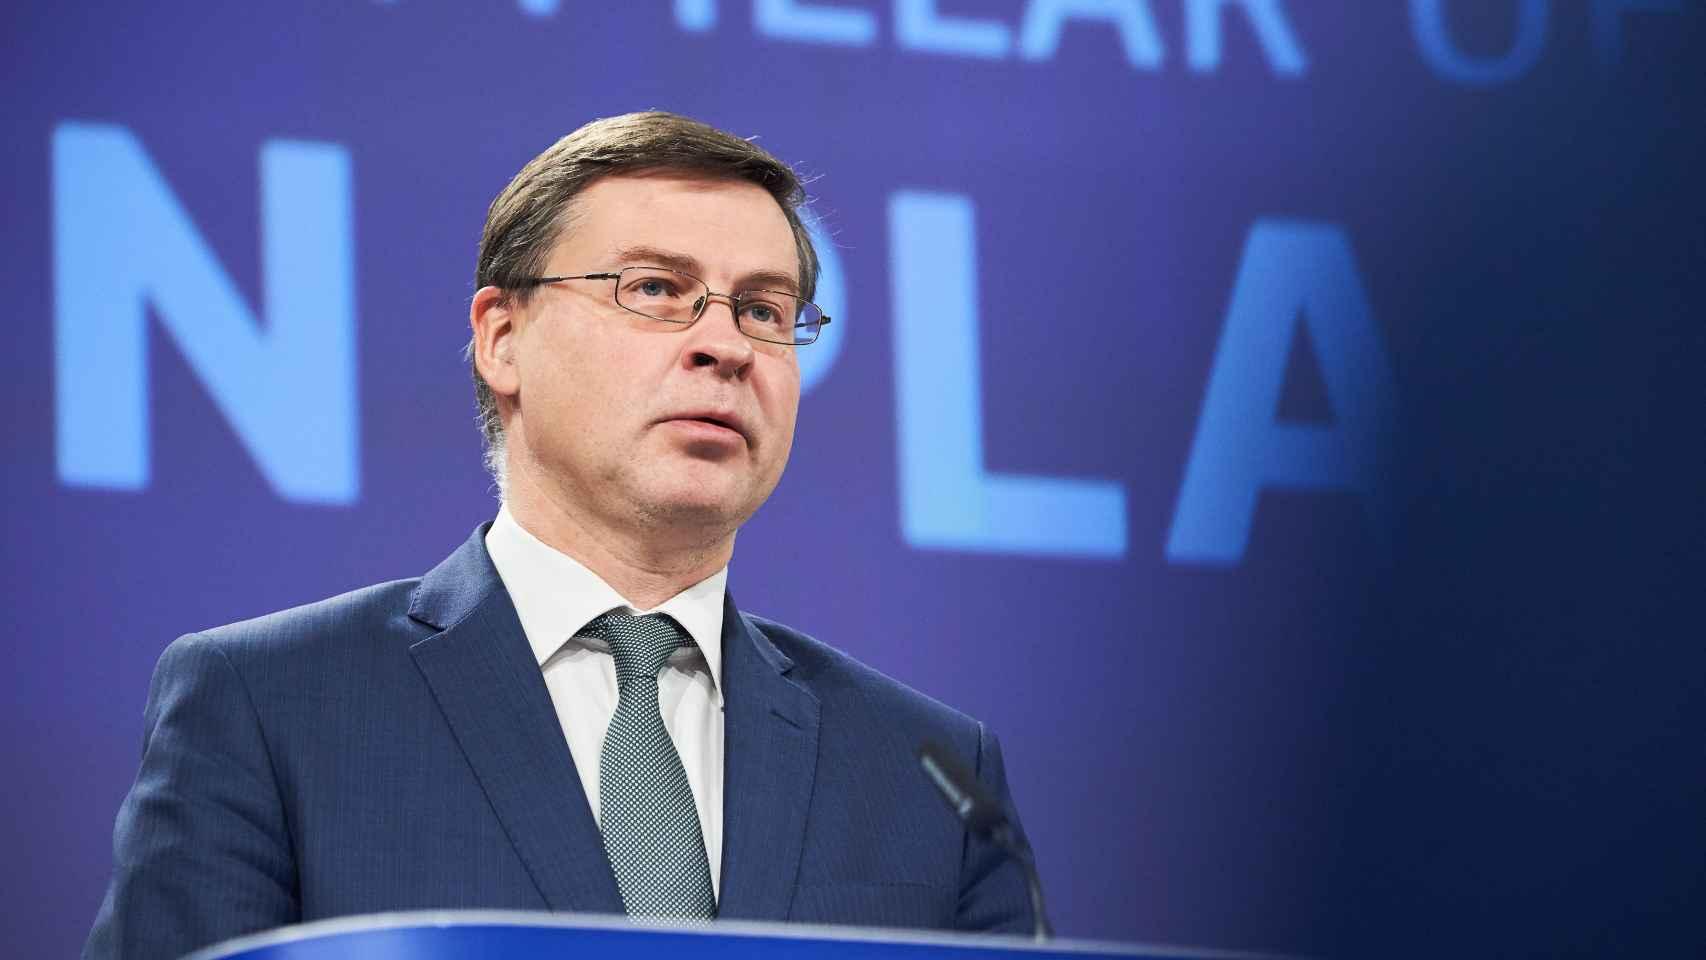 El vicepresidente económico de la Comisión, Valdis Dombrovskis, durante la rueda de prensa de este jueves